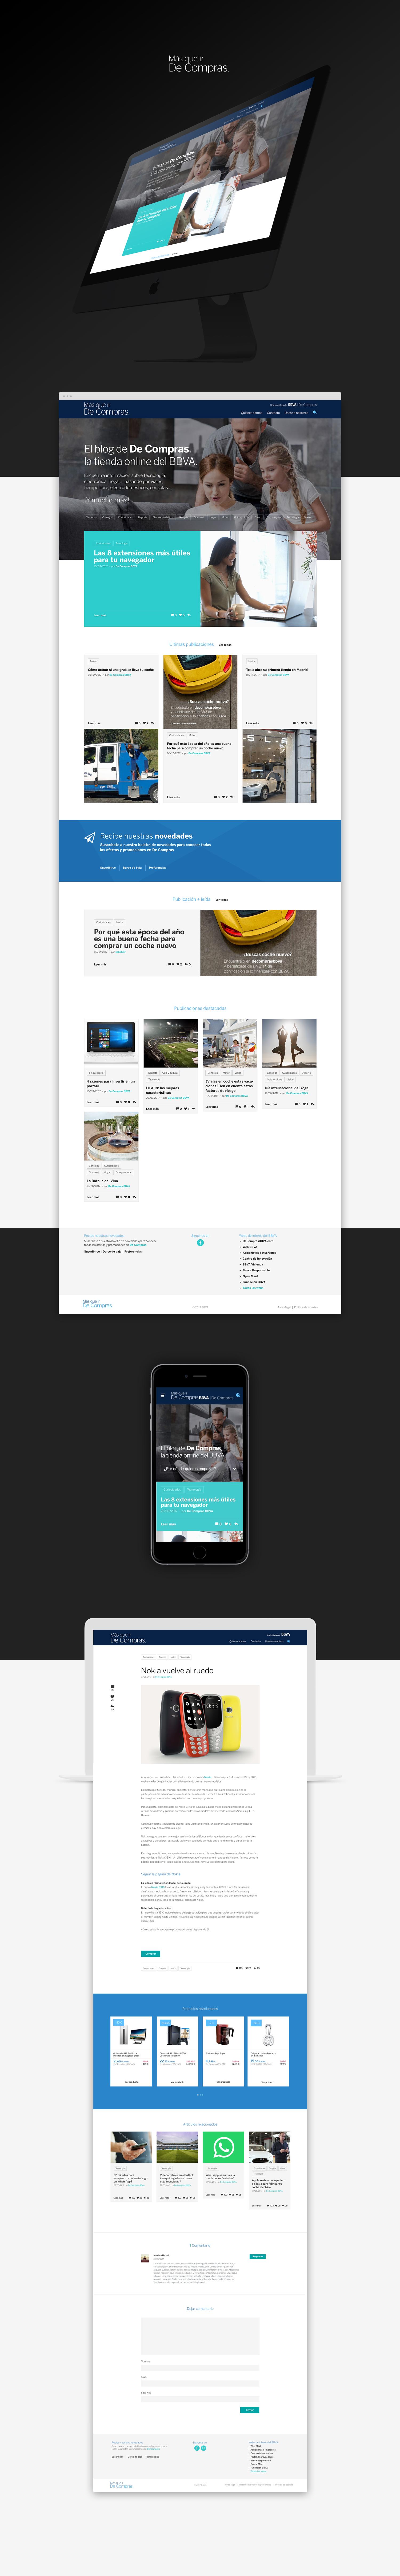 Diseño web responsive · BBVA | Más que ir de compras · Samuel Matito · diseñador freelance